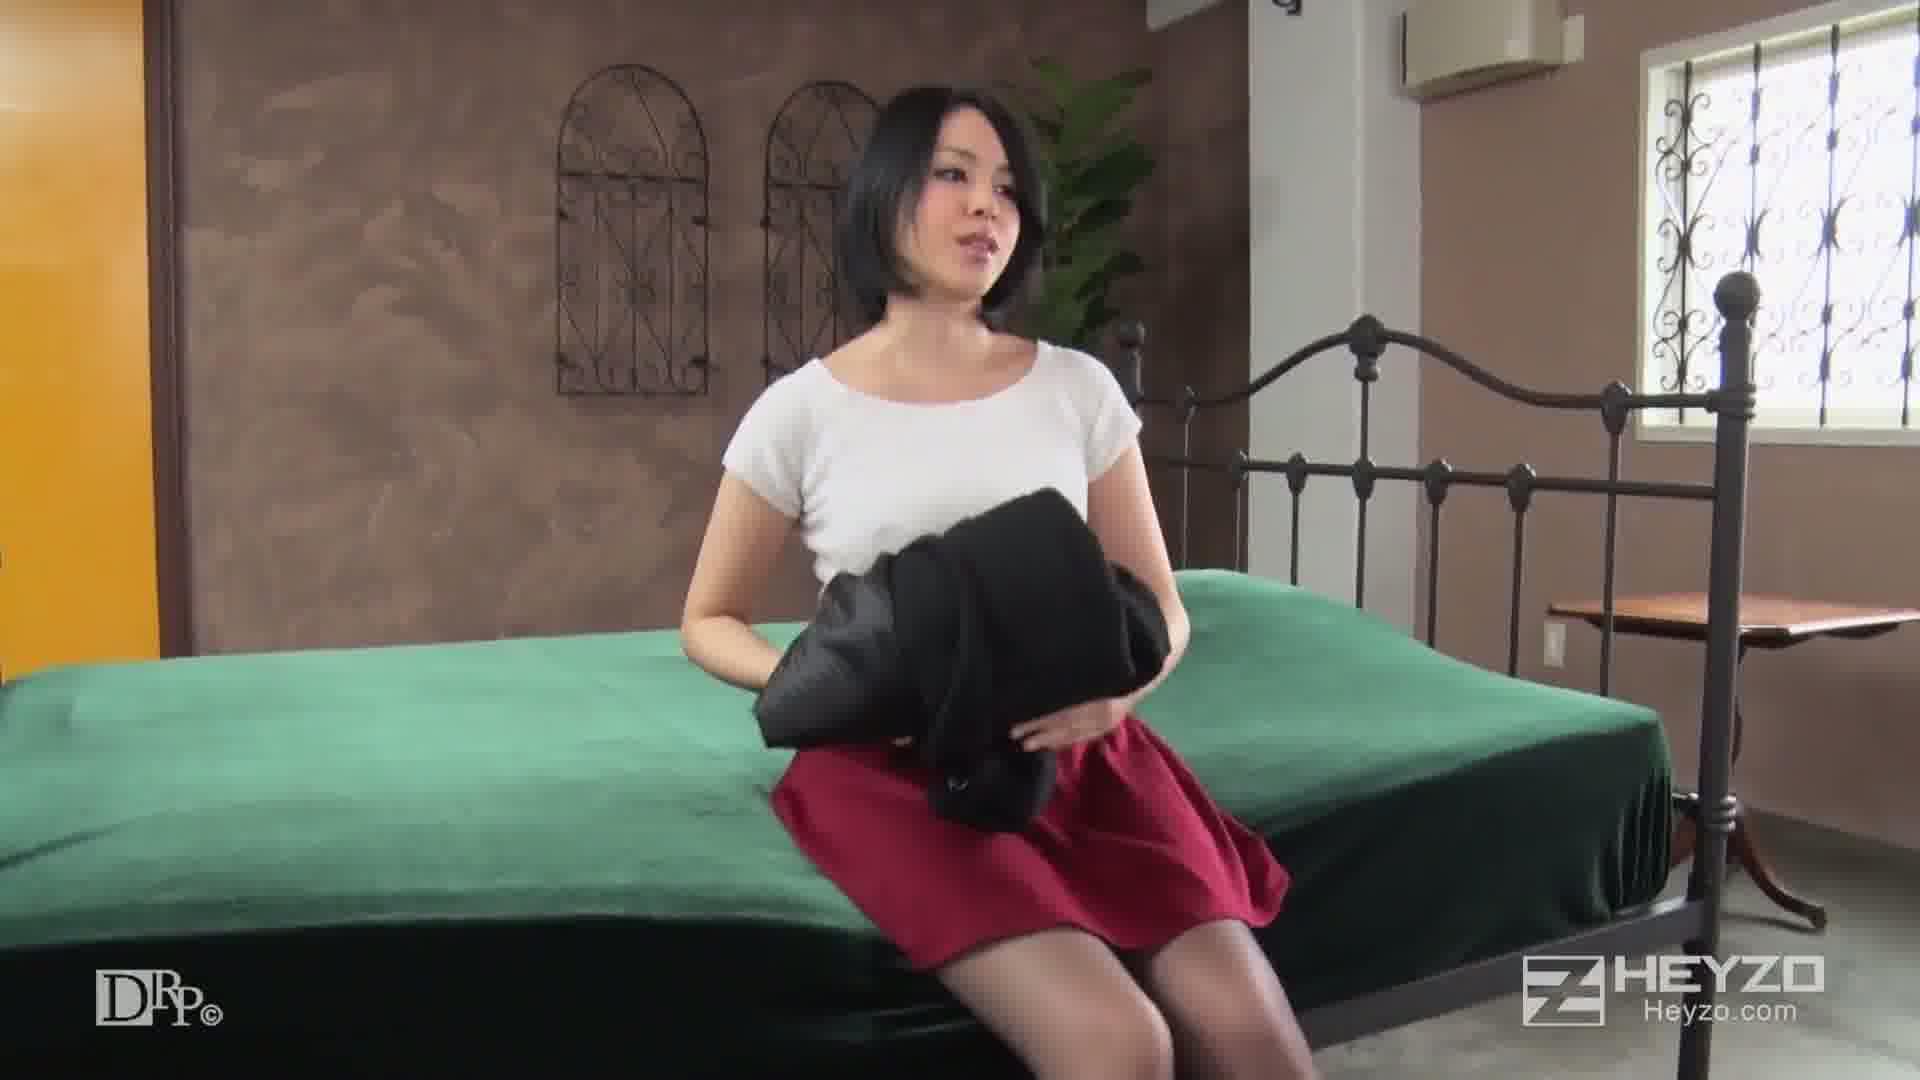 元カレとバッタリ再会!で、SEXしちゃいました~付き合っていた時より気持ちいい!?~ - 佐伯ひなた【再会 脱衣】